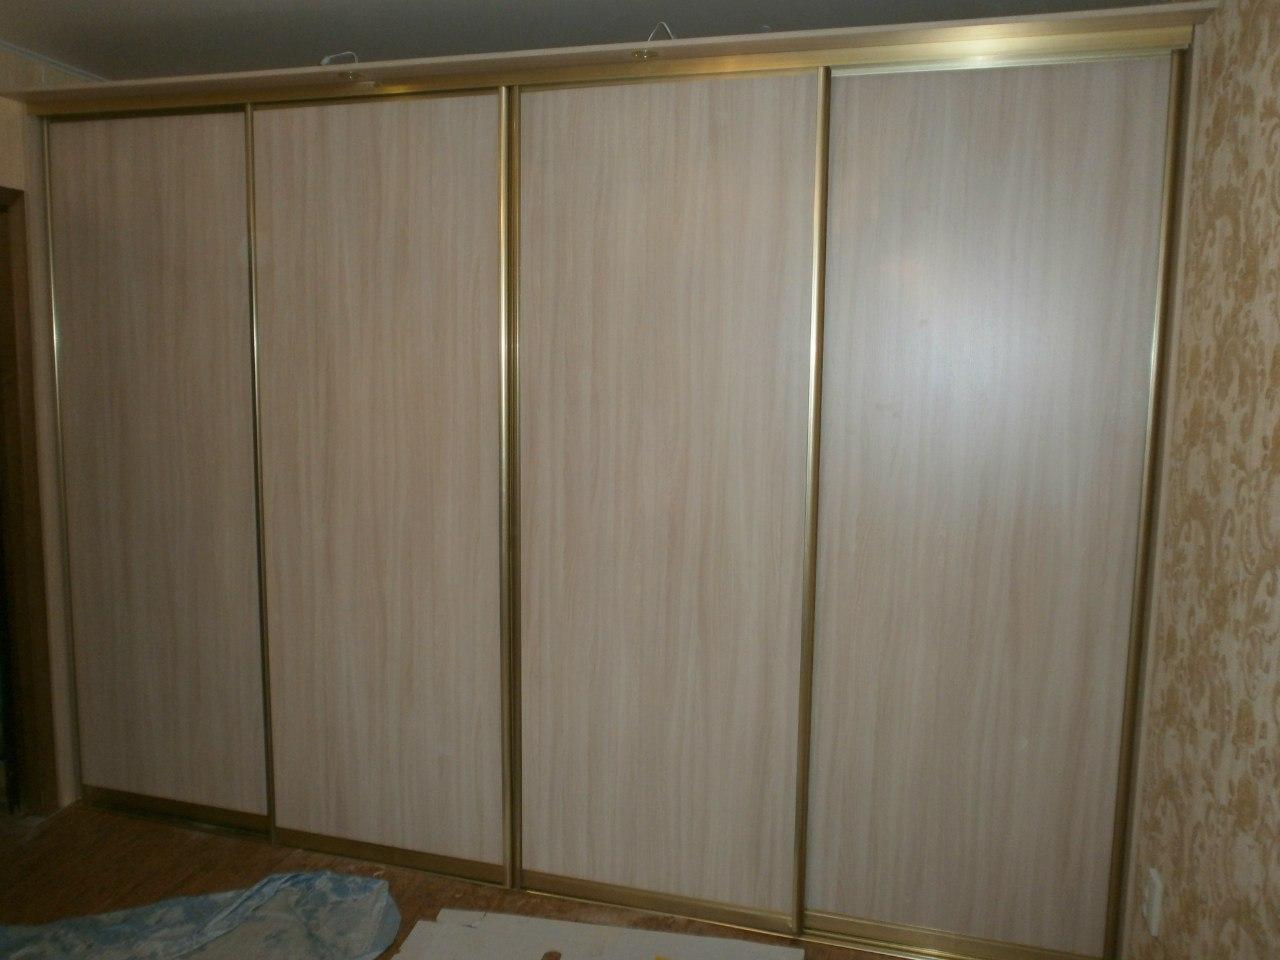 Двери для встроенного шкафа ЛДСП